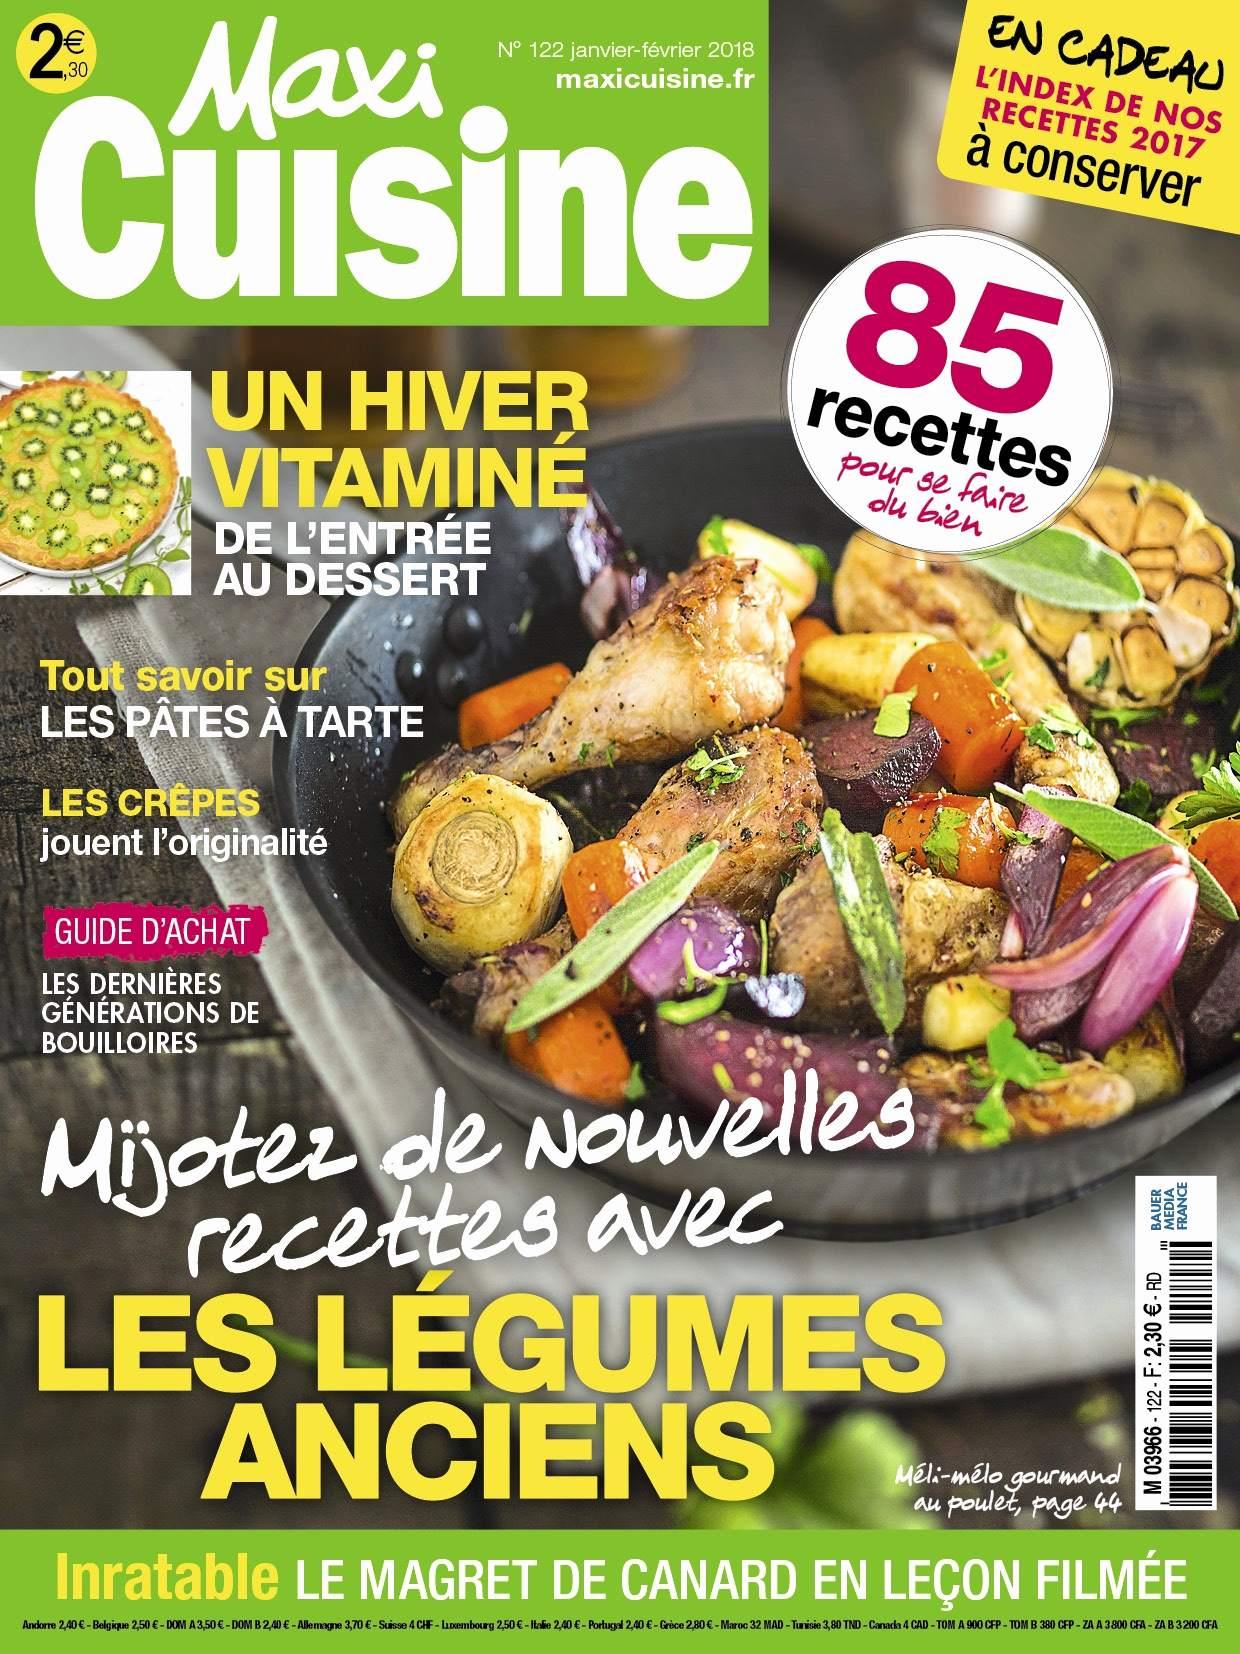 Jeux De Cuisine Papa Louis Luxe Photos Jeux De Cuisine Gratuit Papa Louis Moderne Jeux De De Cuisine